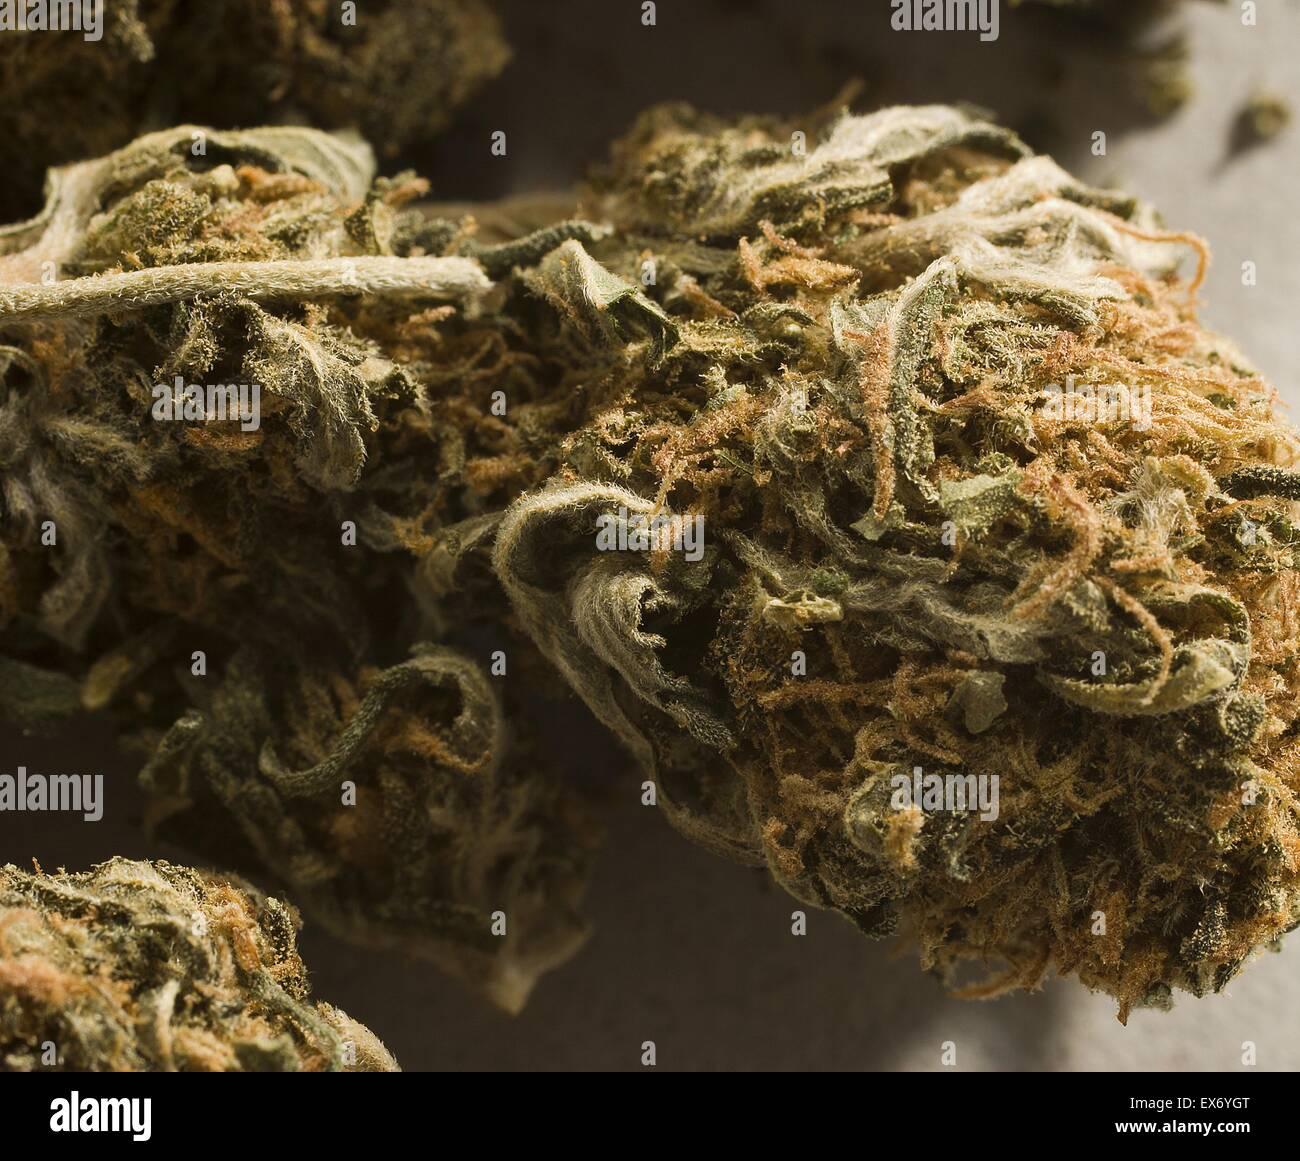 Le Cannabis, communément connu sous le nom de la marijuana est une drogue psychoactive et que la médecine, qui peut comprendre l'humeur accrue ou l'euphorie, la relaxation et augmentation de l'appétit. Effets secondaires possibles: une diminution de la mémoire à court terme, de troubles de la motricité et f Banque D'Images